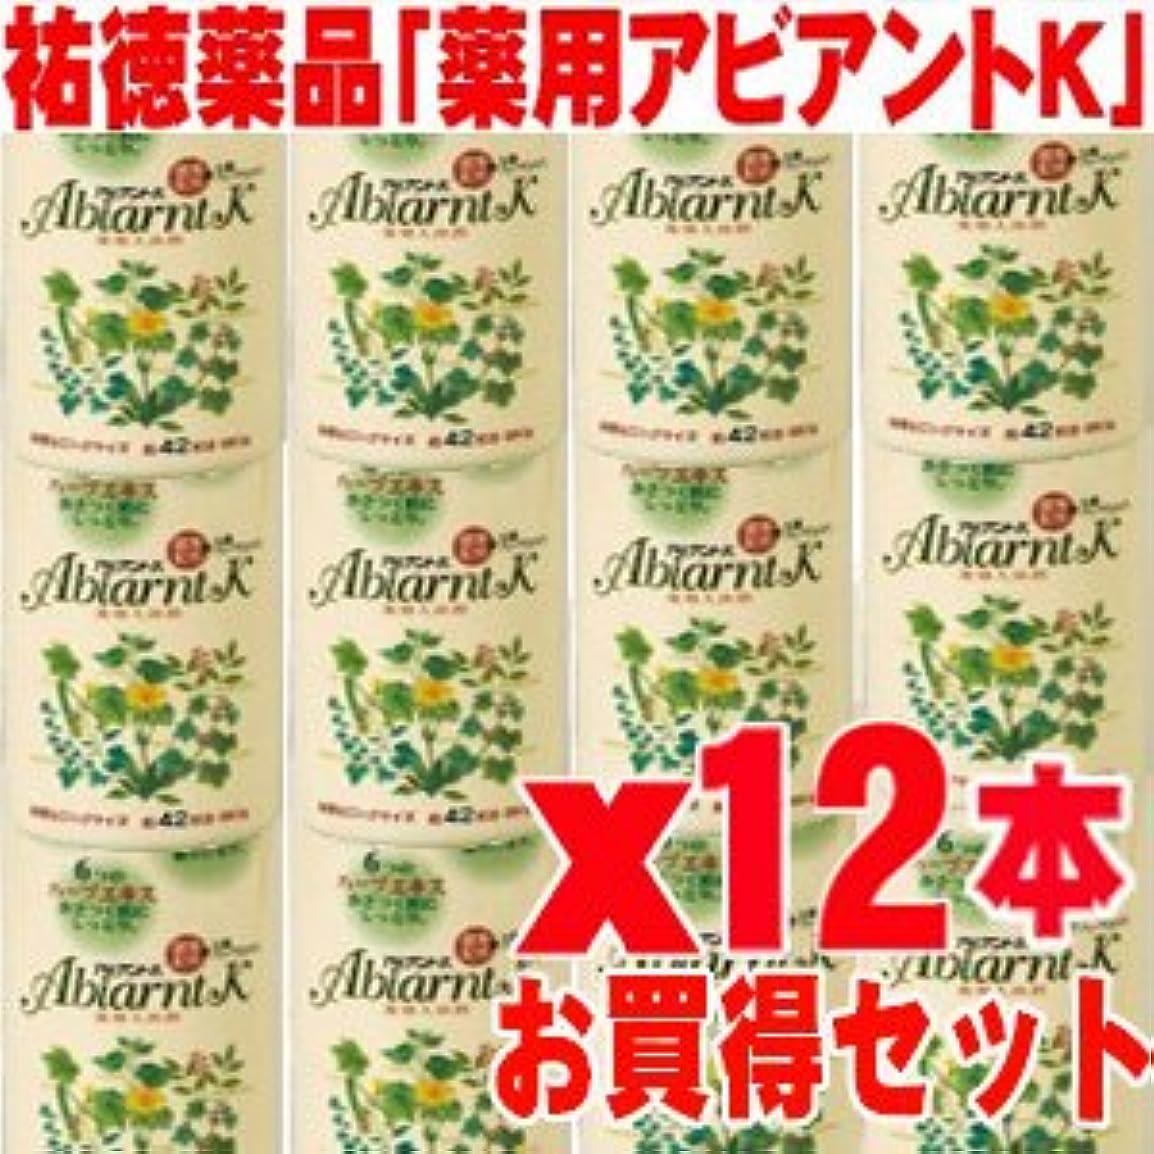 に沿ってハード理論的アビアントK 薬用入浴剤 850gx12本 (総合計10.2kg)4987235024123